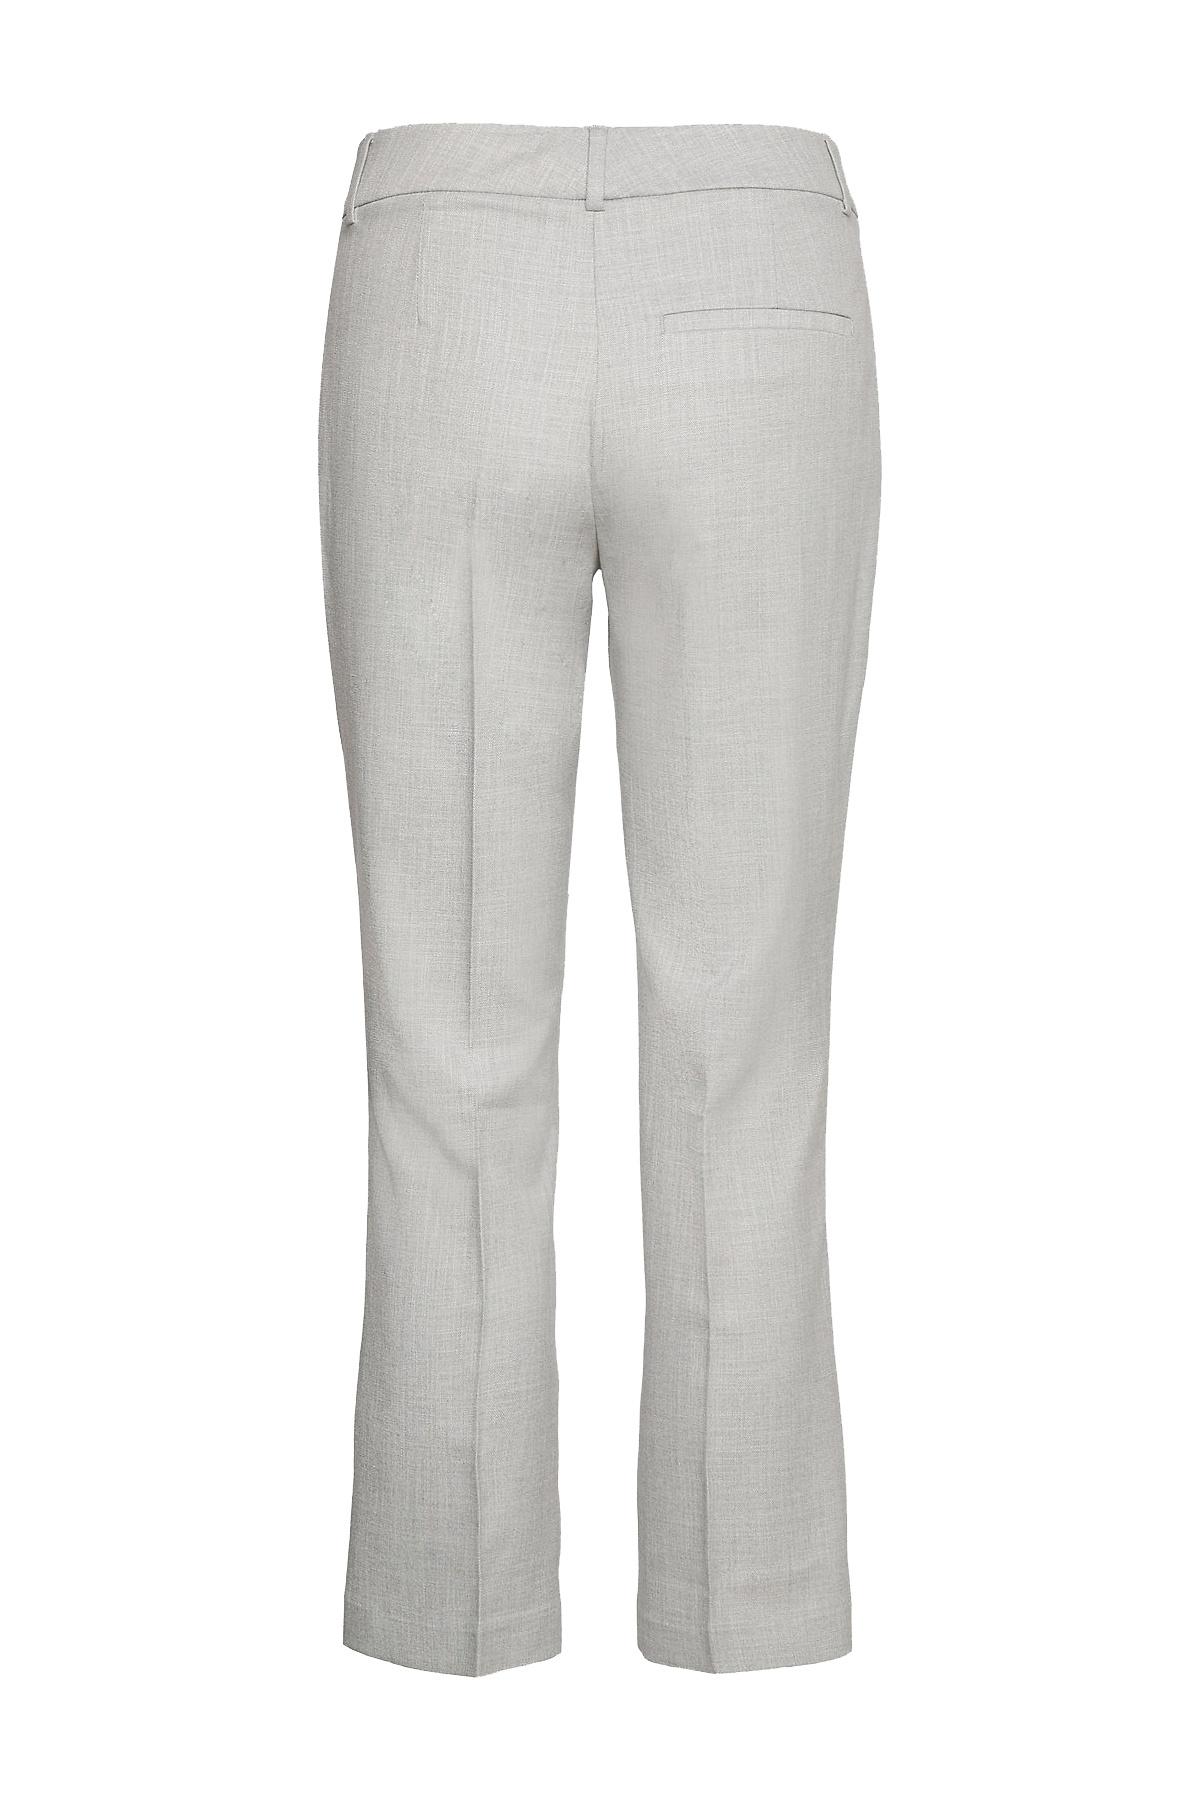 Clara Crop 721 Pant - Grey Melange-7